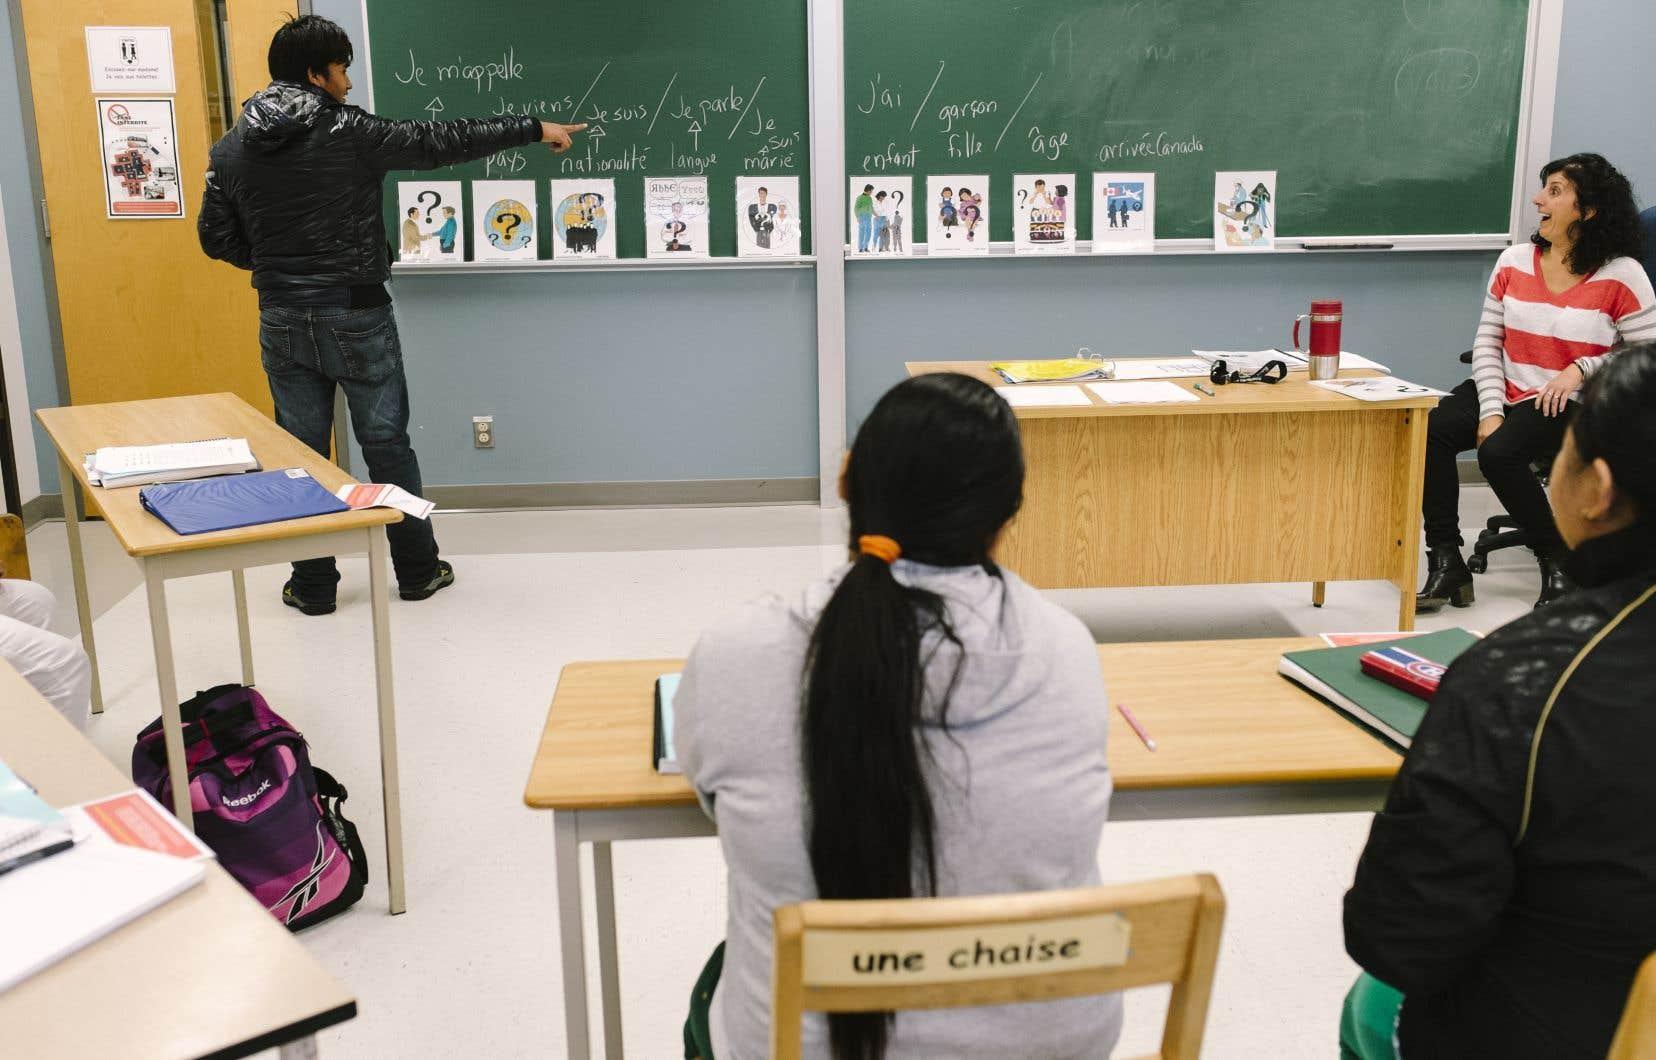 Le Conseil supérieur de l'éducation recommande de mettre en place des approches d'alternance travail-francisation et travail-études.